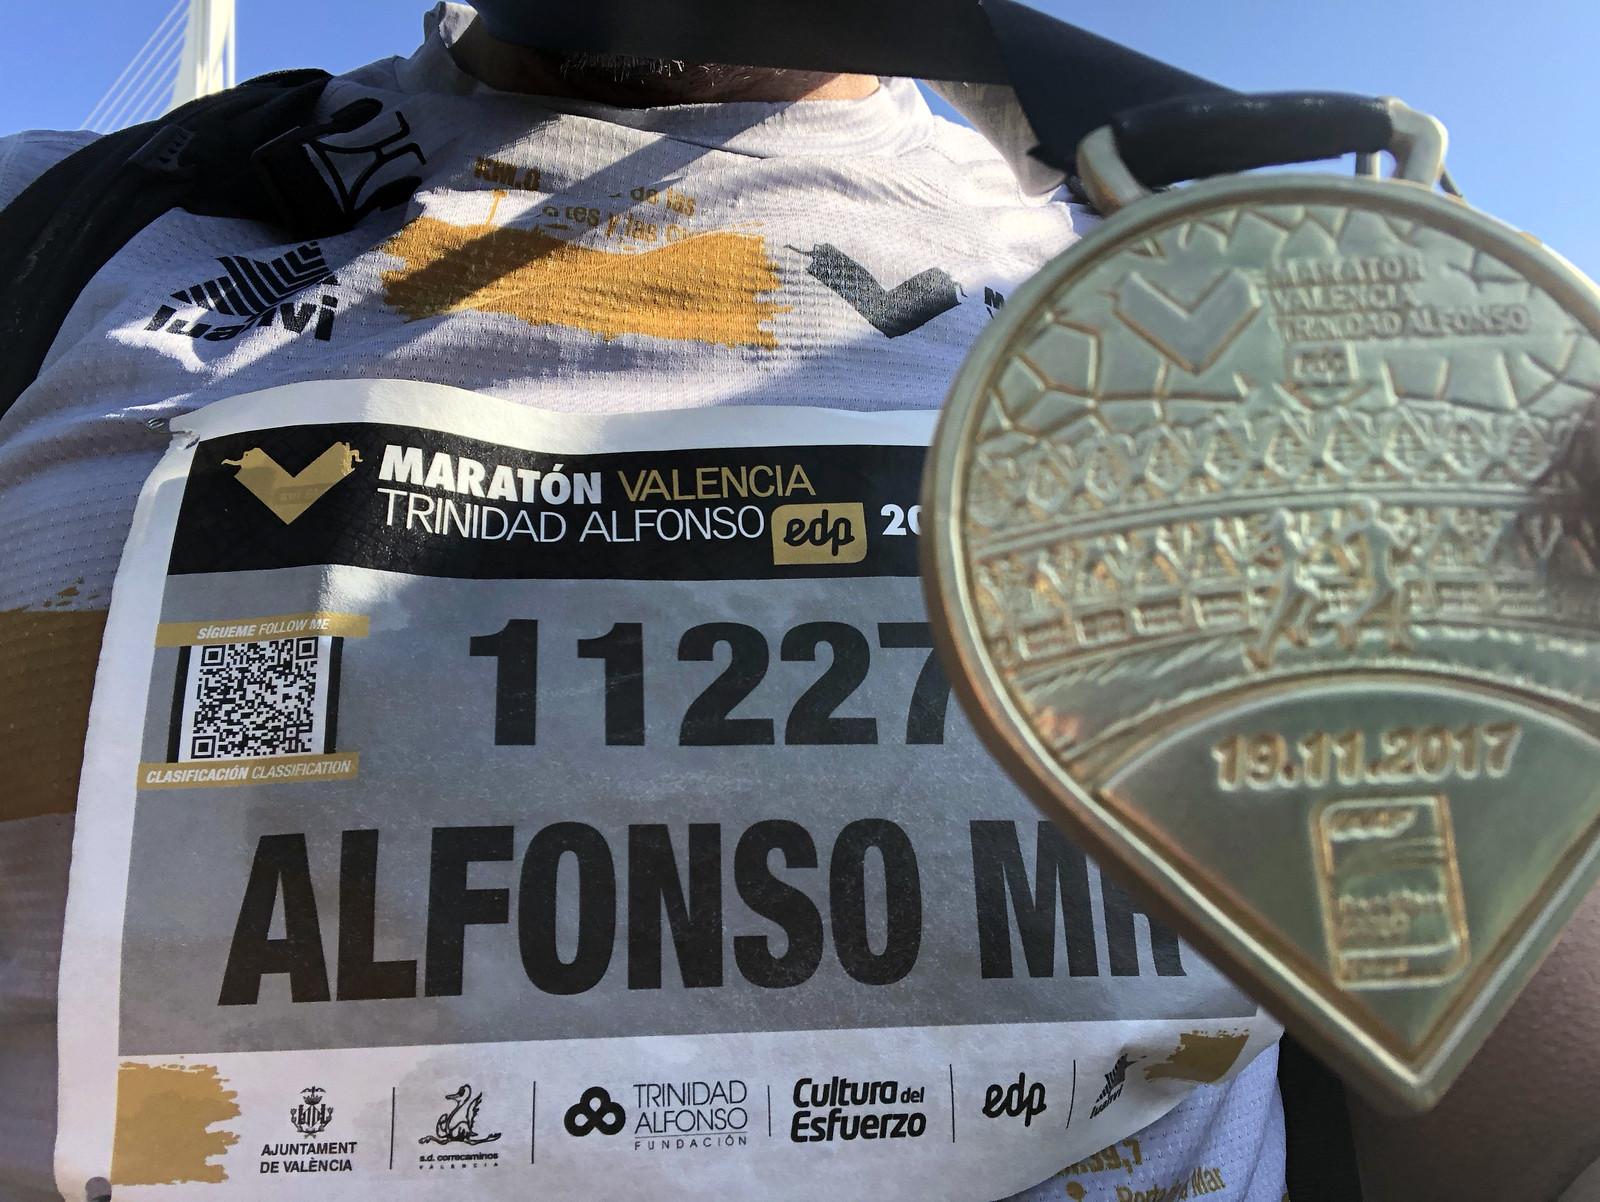 Correr el Maratón de Valencia, España - Marathon Spain maratón de valencia - 40234007533 7847cc36dc h - Maratón de Valencia: análisis, recorrido, entrenamiento y recomendaciones de viaje